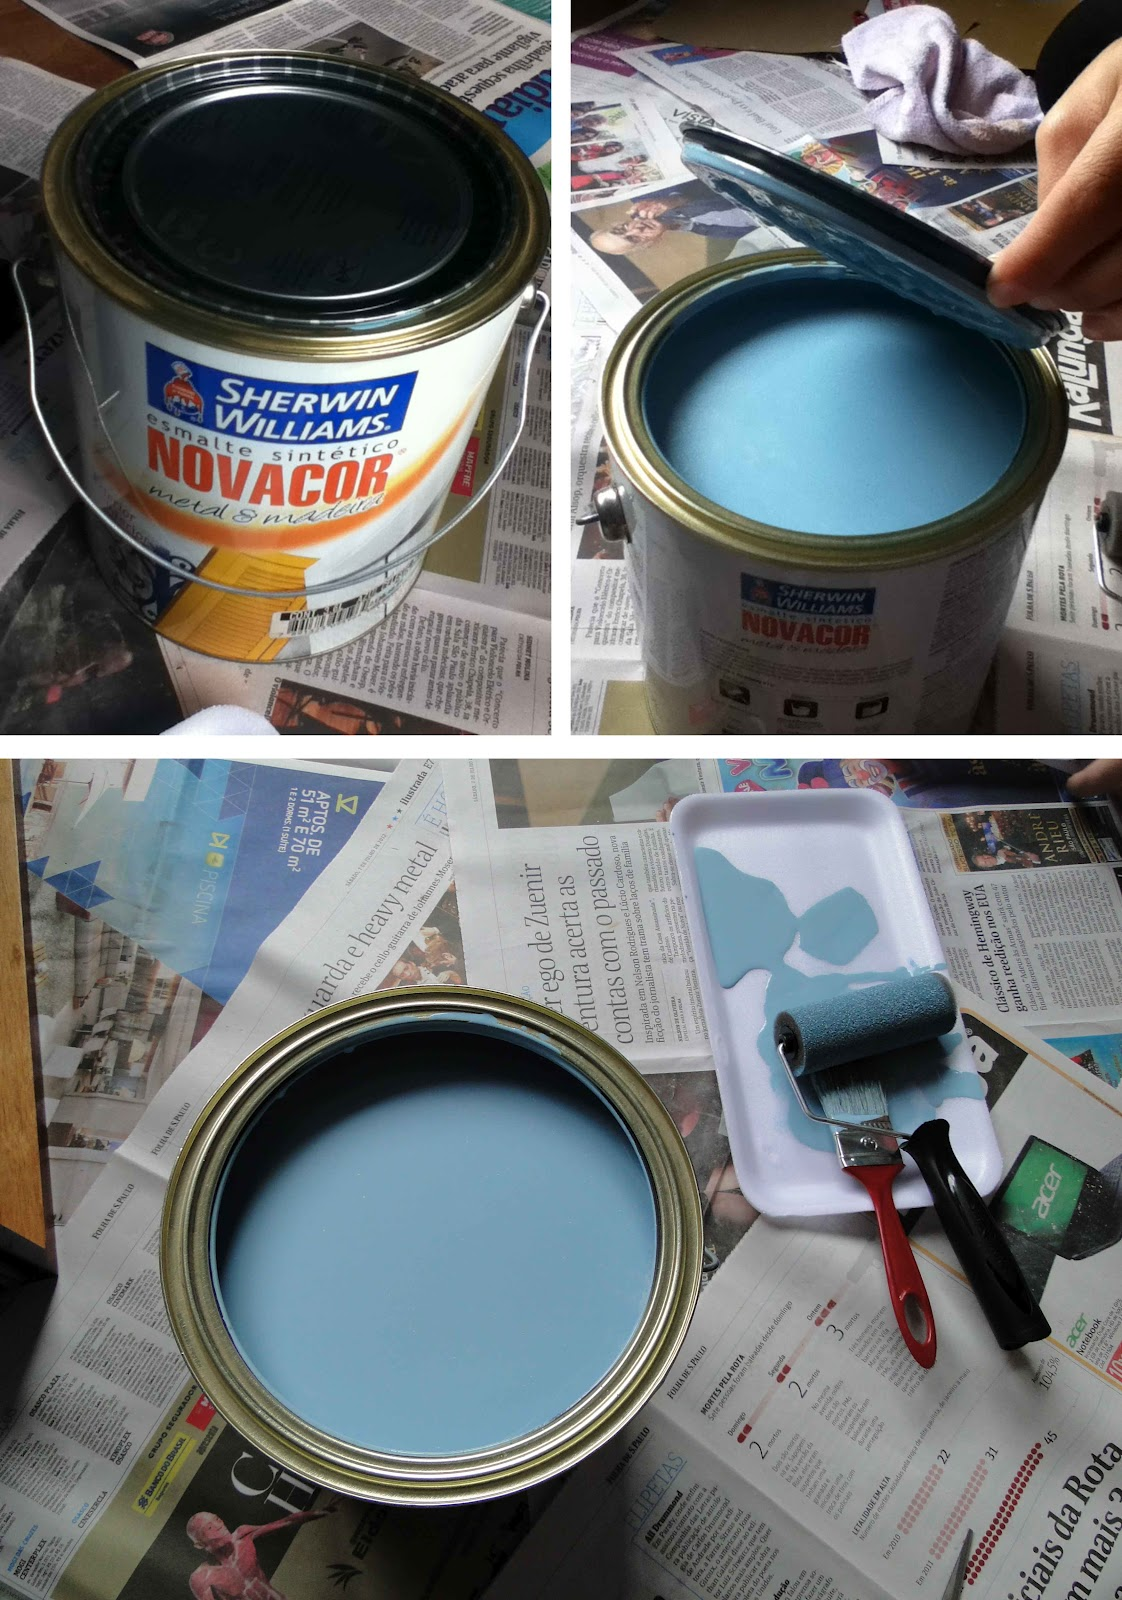 Coisinhas de Noiva: Fazendo arte com criatividade! #367795 1122x1600